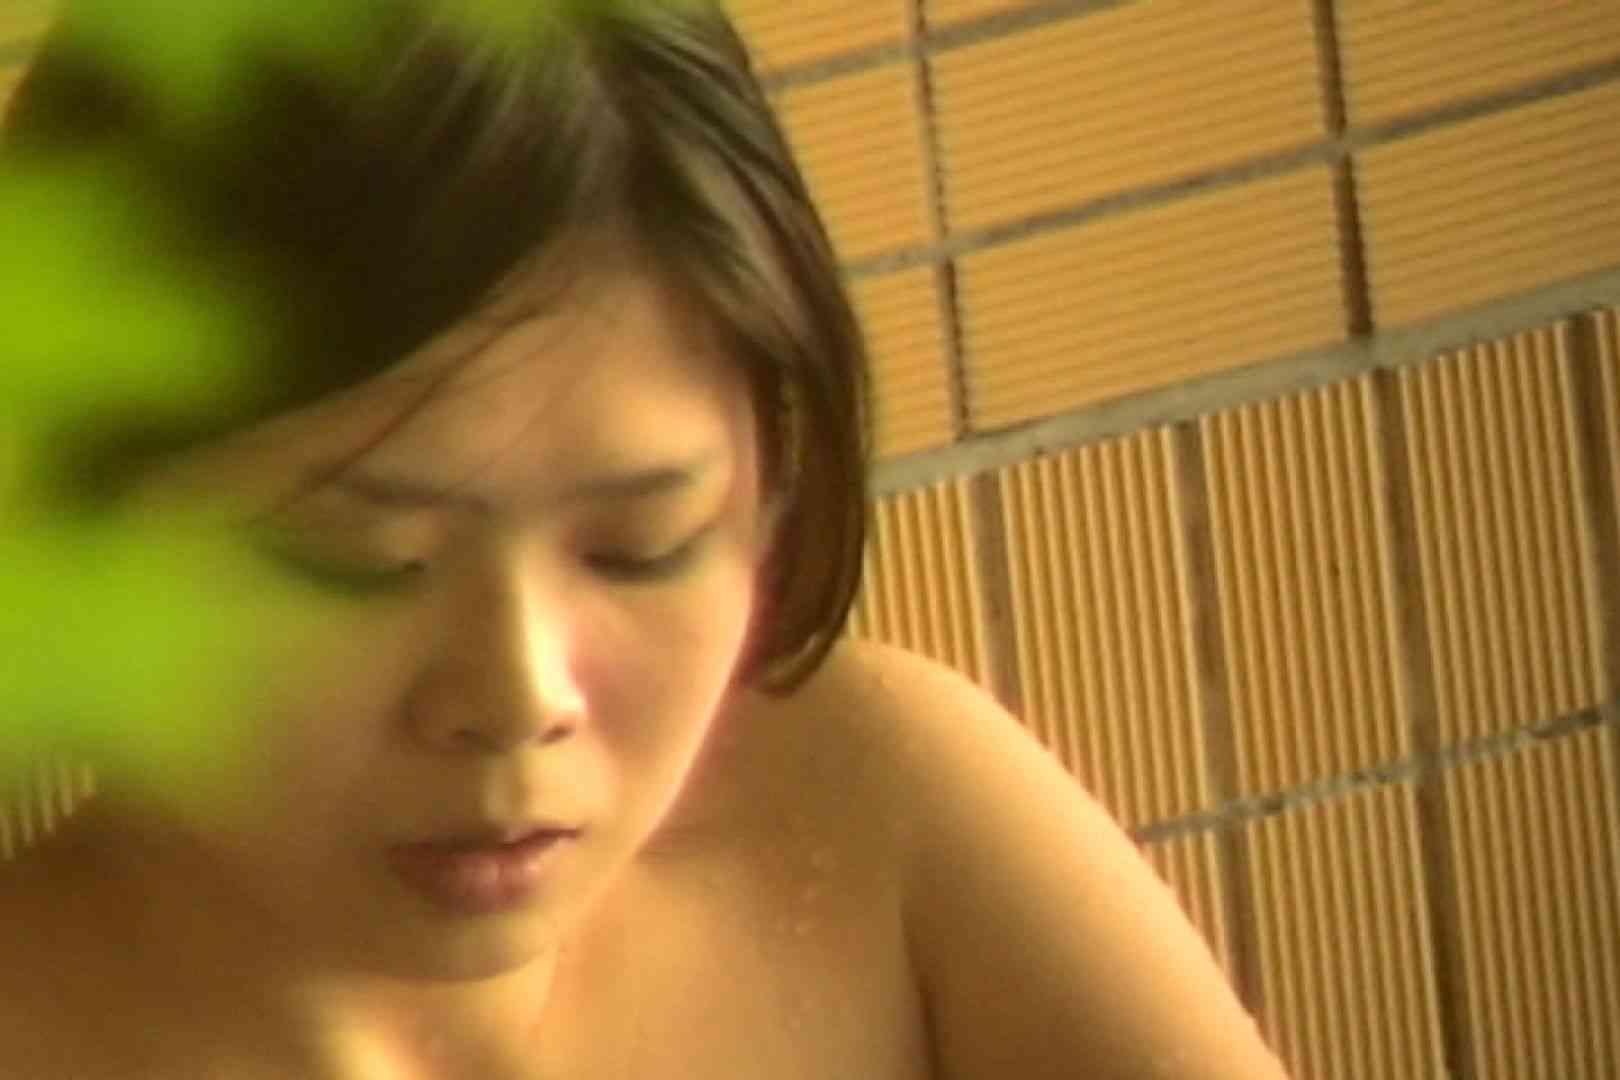 No.14 しかめっ面で巨乳をモミモミ エロい美女 盗み撮り動画 24枚